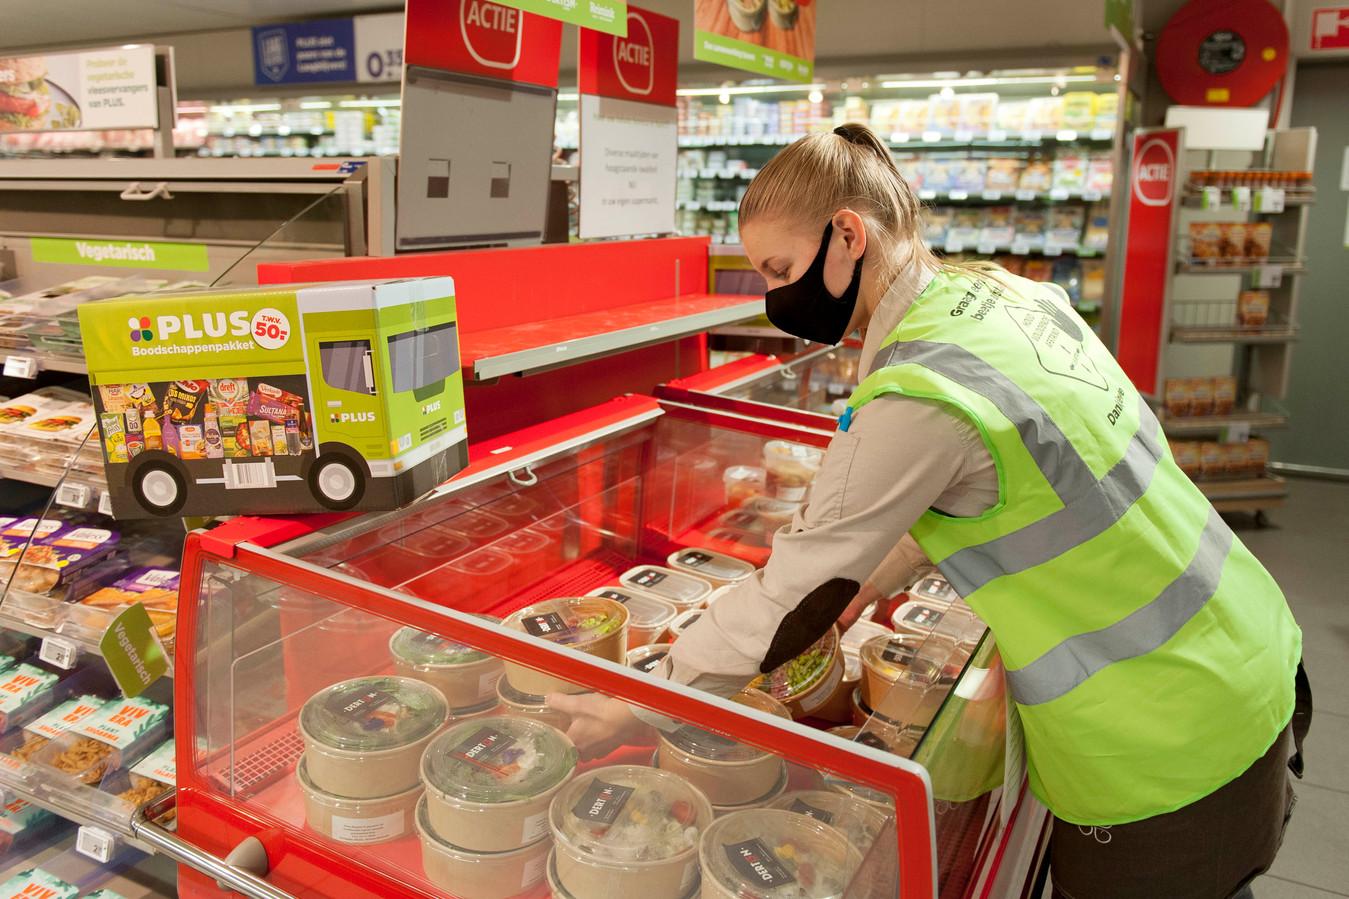 De supermarkt in Heeten krijgt er ruimte bij; wat er precies gaat veranderen, wil winkeleigenaar Johan Severijn niet kwijt.